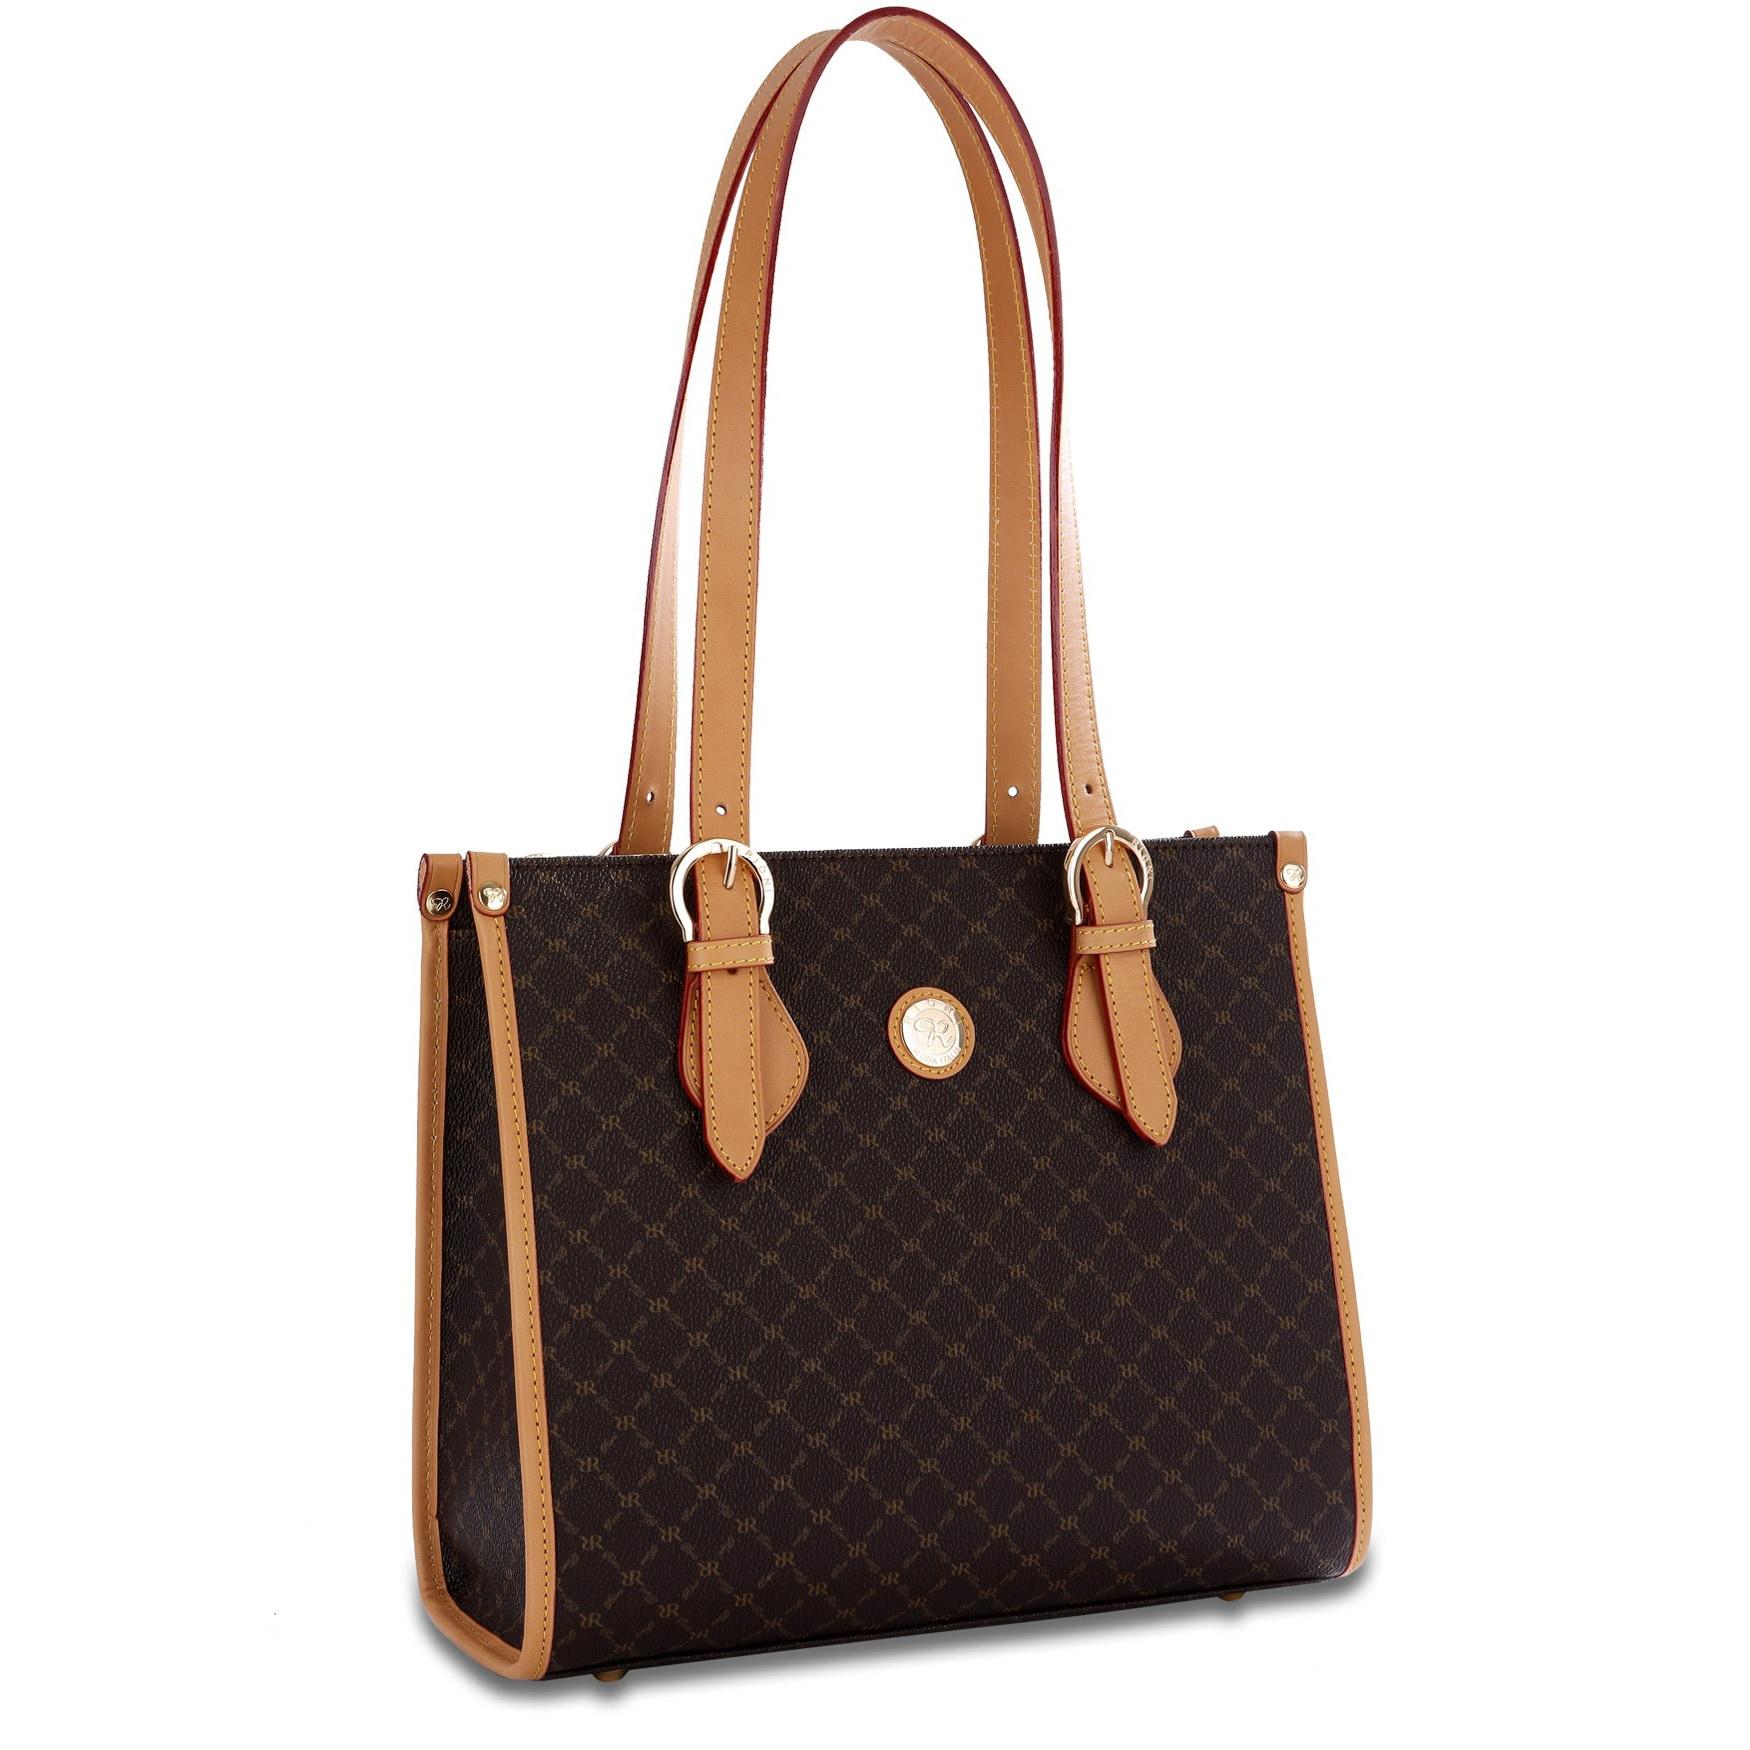 Rioni Signature Shoulder Tote Handbag